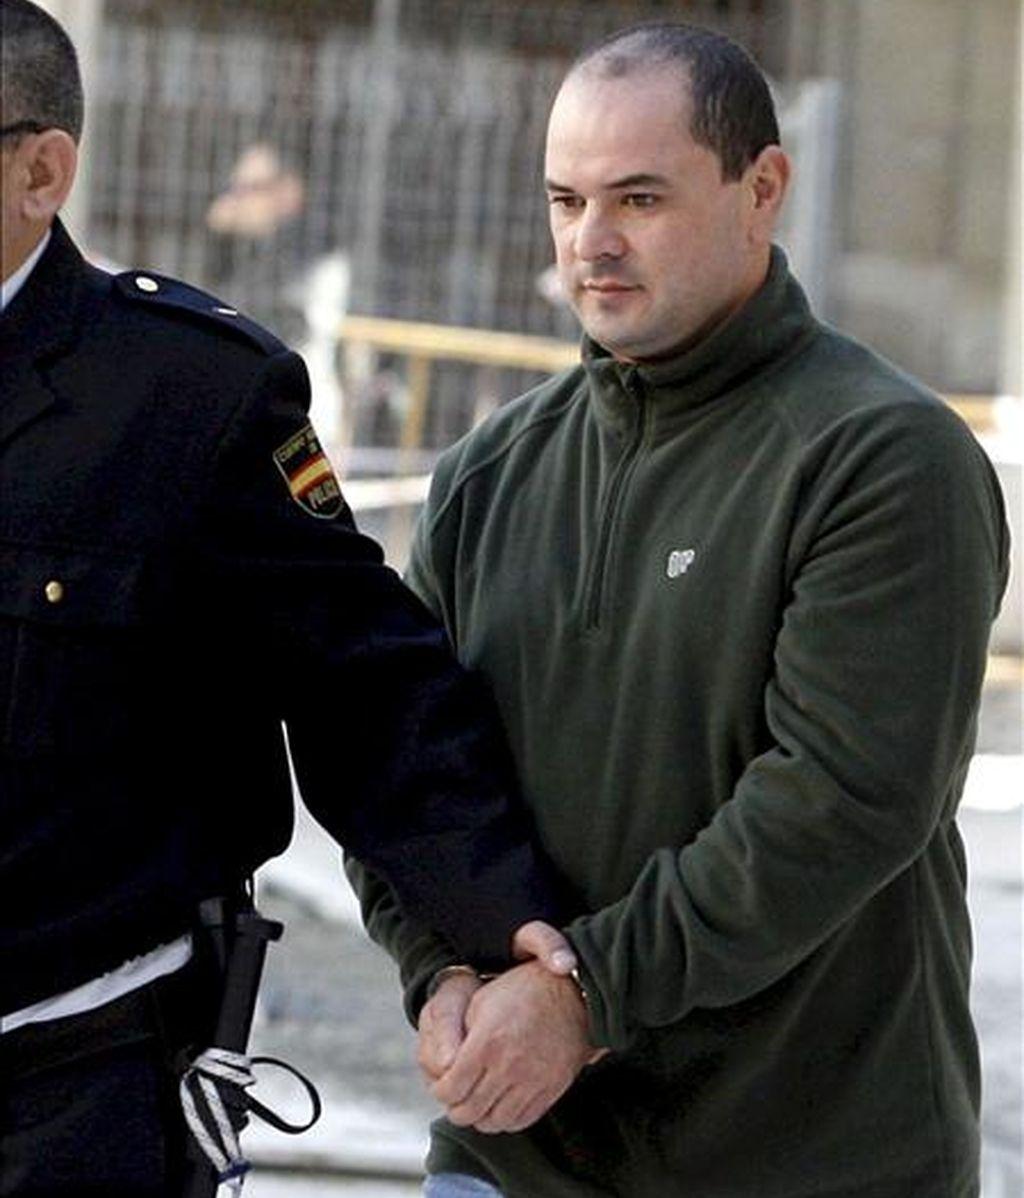 El primer detenido en relación con el crimen del alcalde de Polop (Alicante) Alejandro Ponsoda, tras ser conducido la semana pasada ante la Audiencia Provincial de Alicante. Hoy ha sido detenida una tercera persona en relación con este crimen. EFE